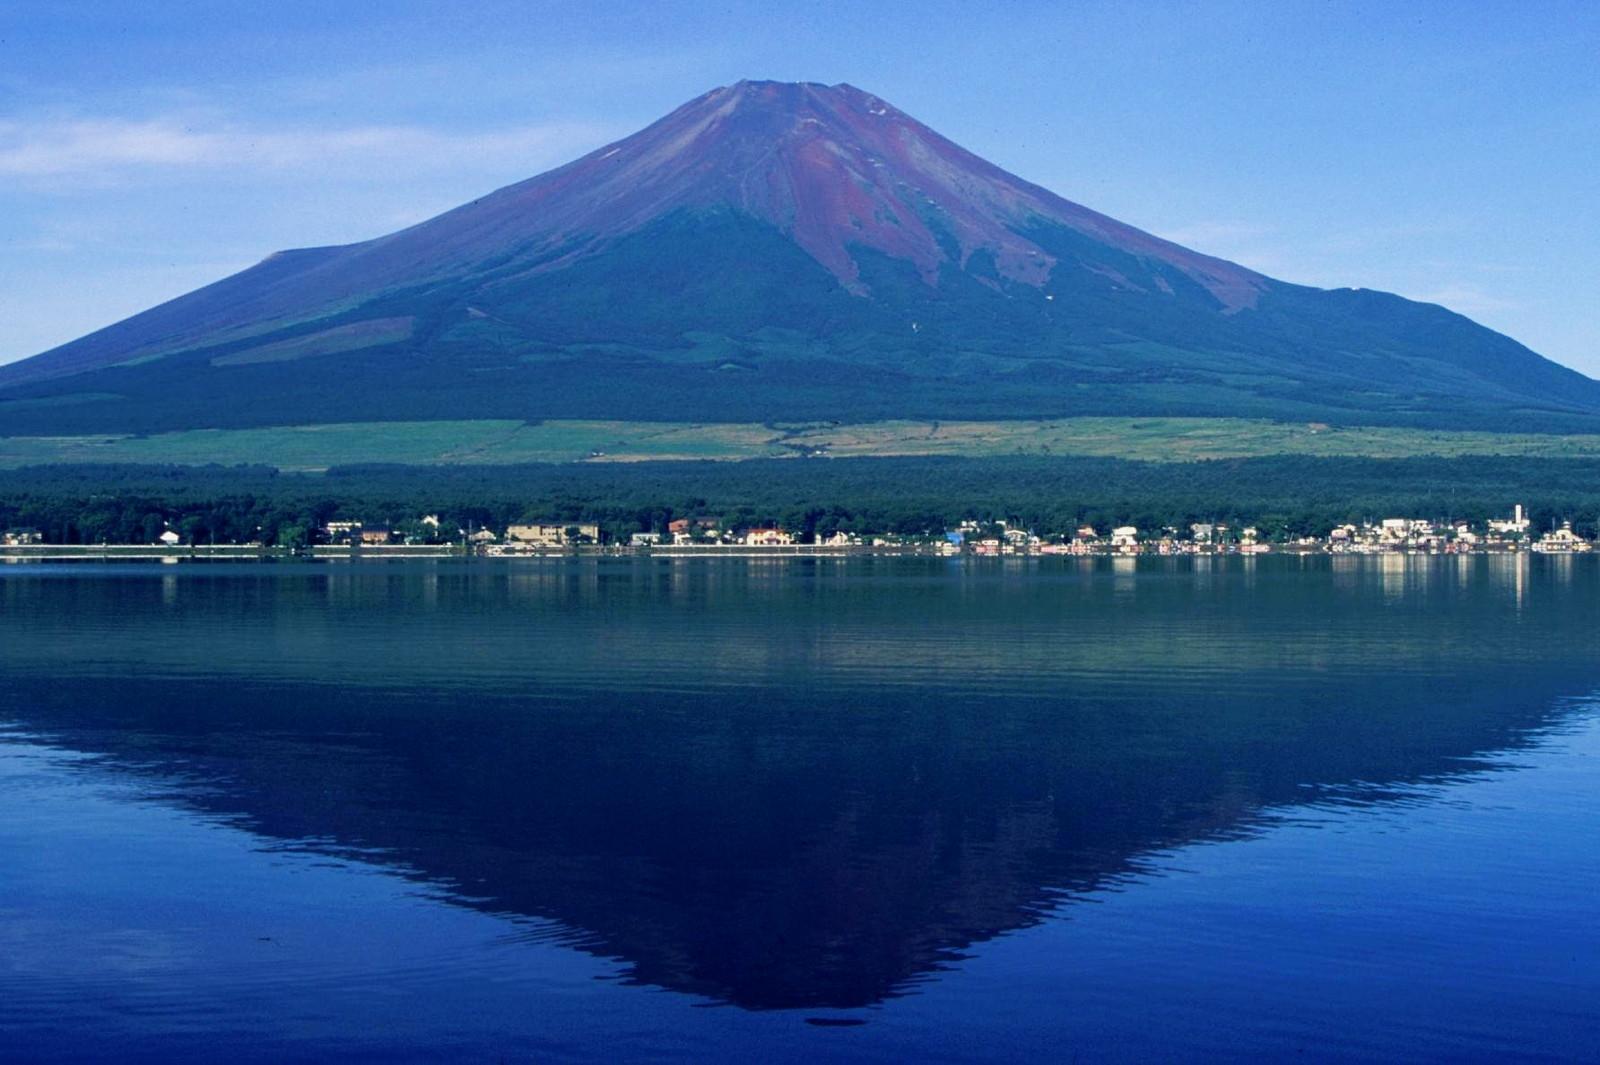 ファイル:Mount Fuji from Lake Yamanaka 1995-7-30.jpg - Wikipedia